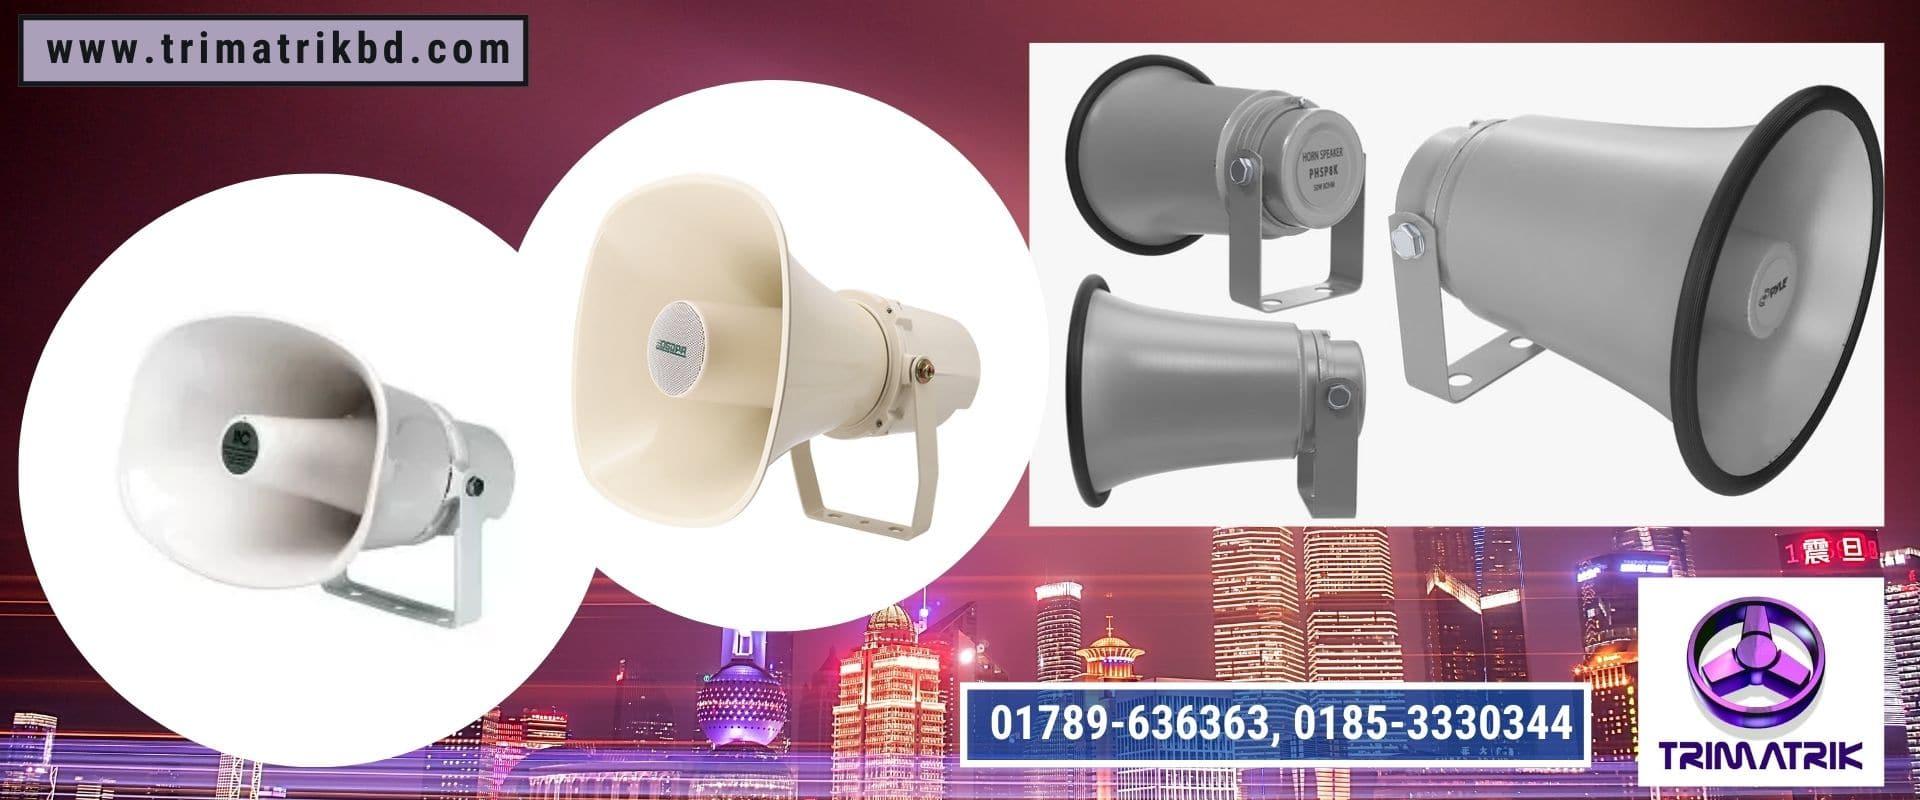 Price of Horn Speakers in Bangladesh - Buy Online